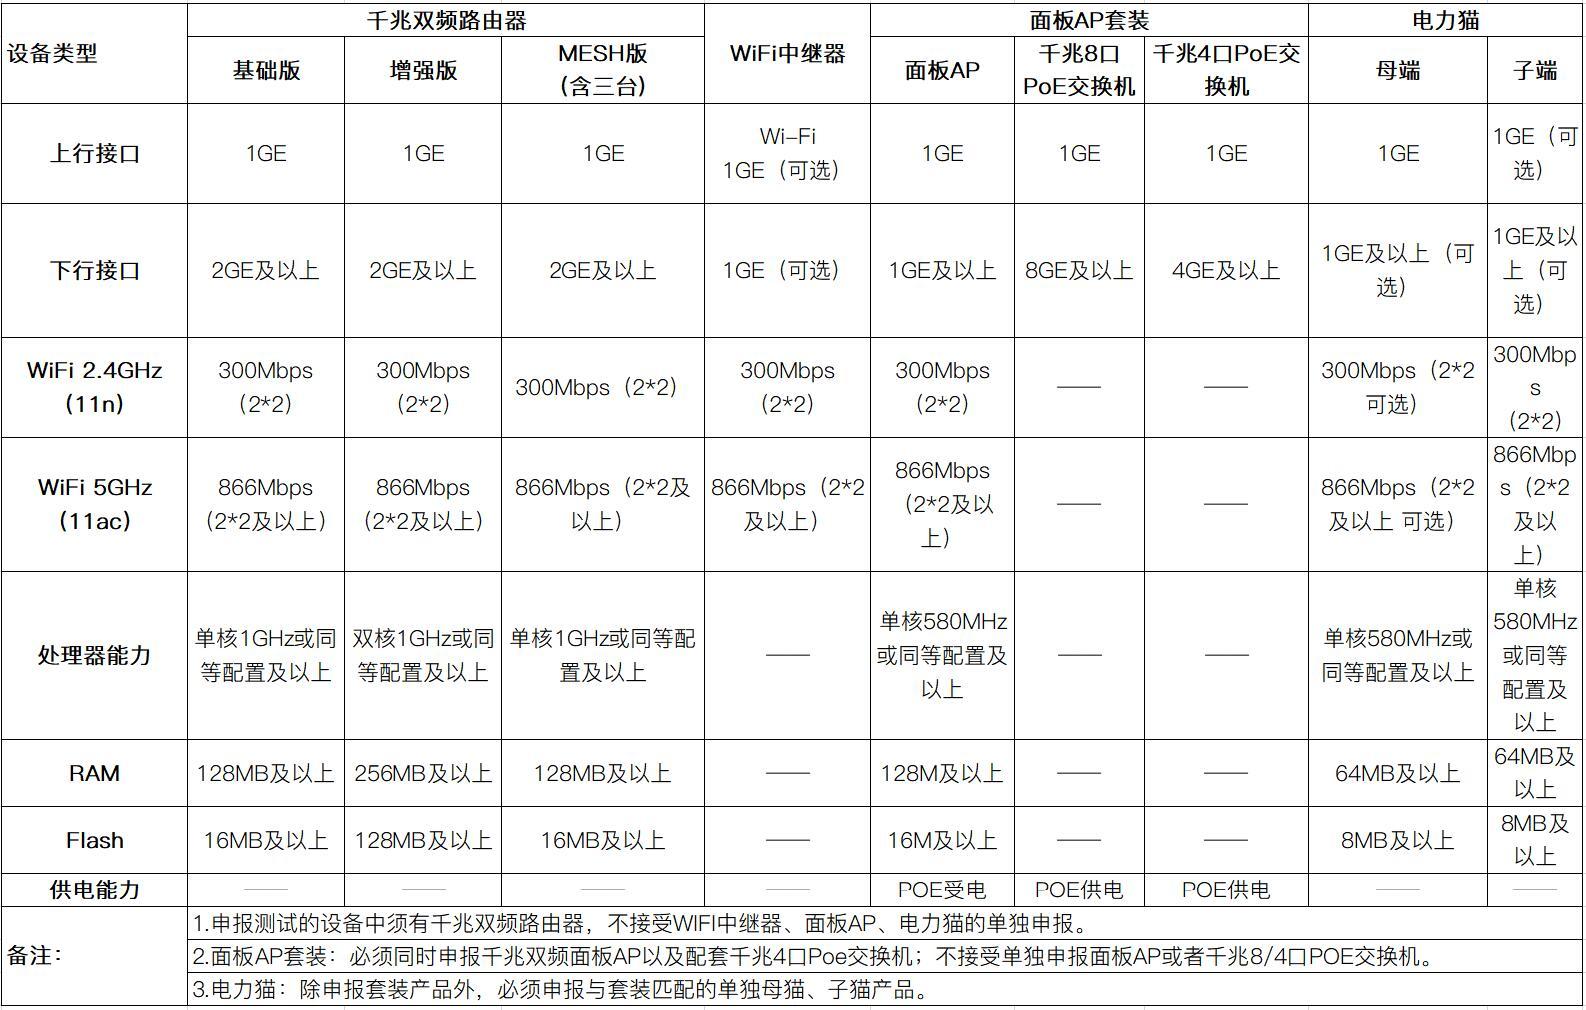 中国联通开启智慧家庭智能组网终端设备技术